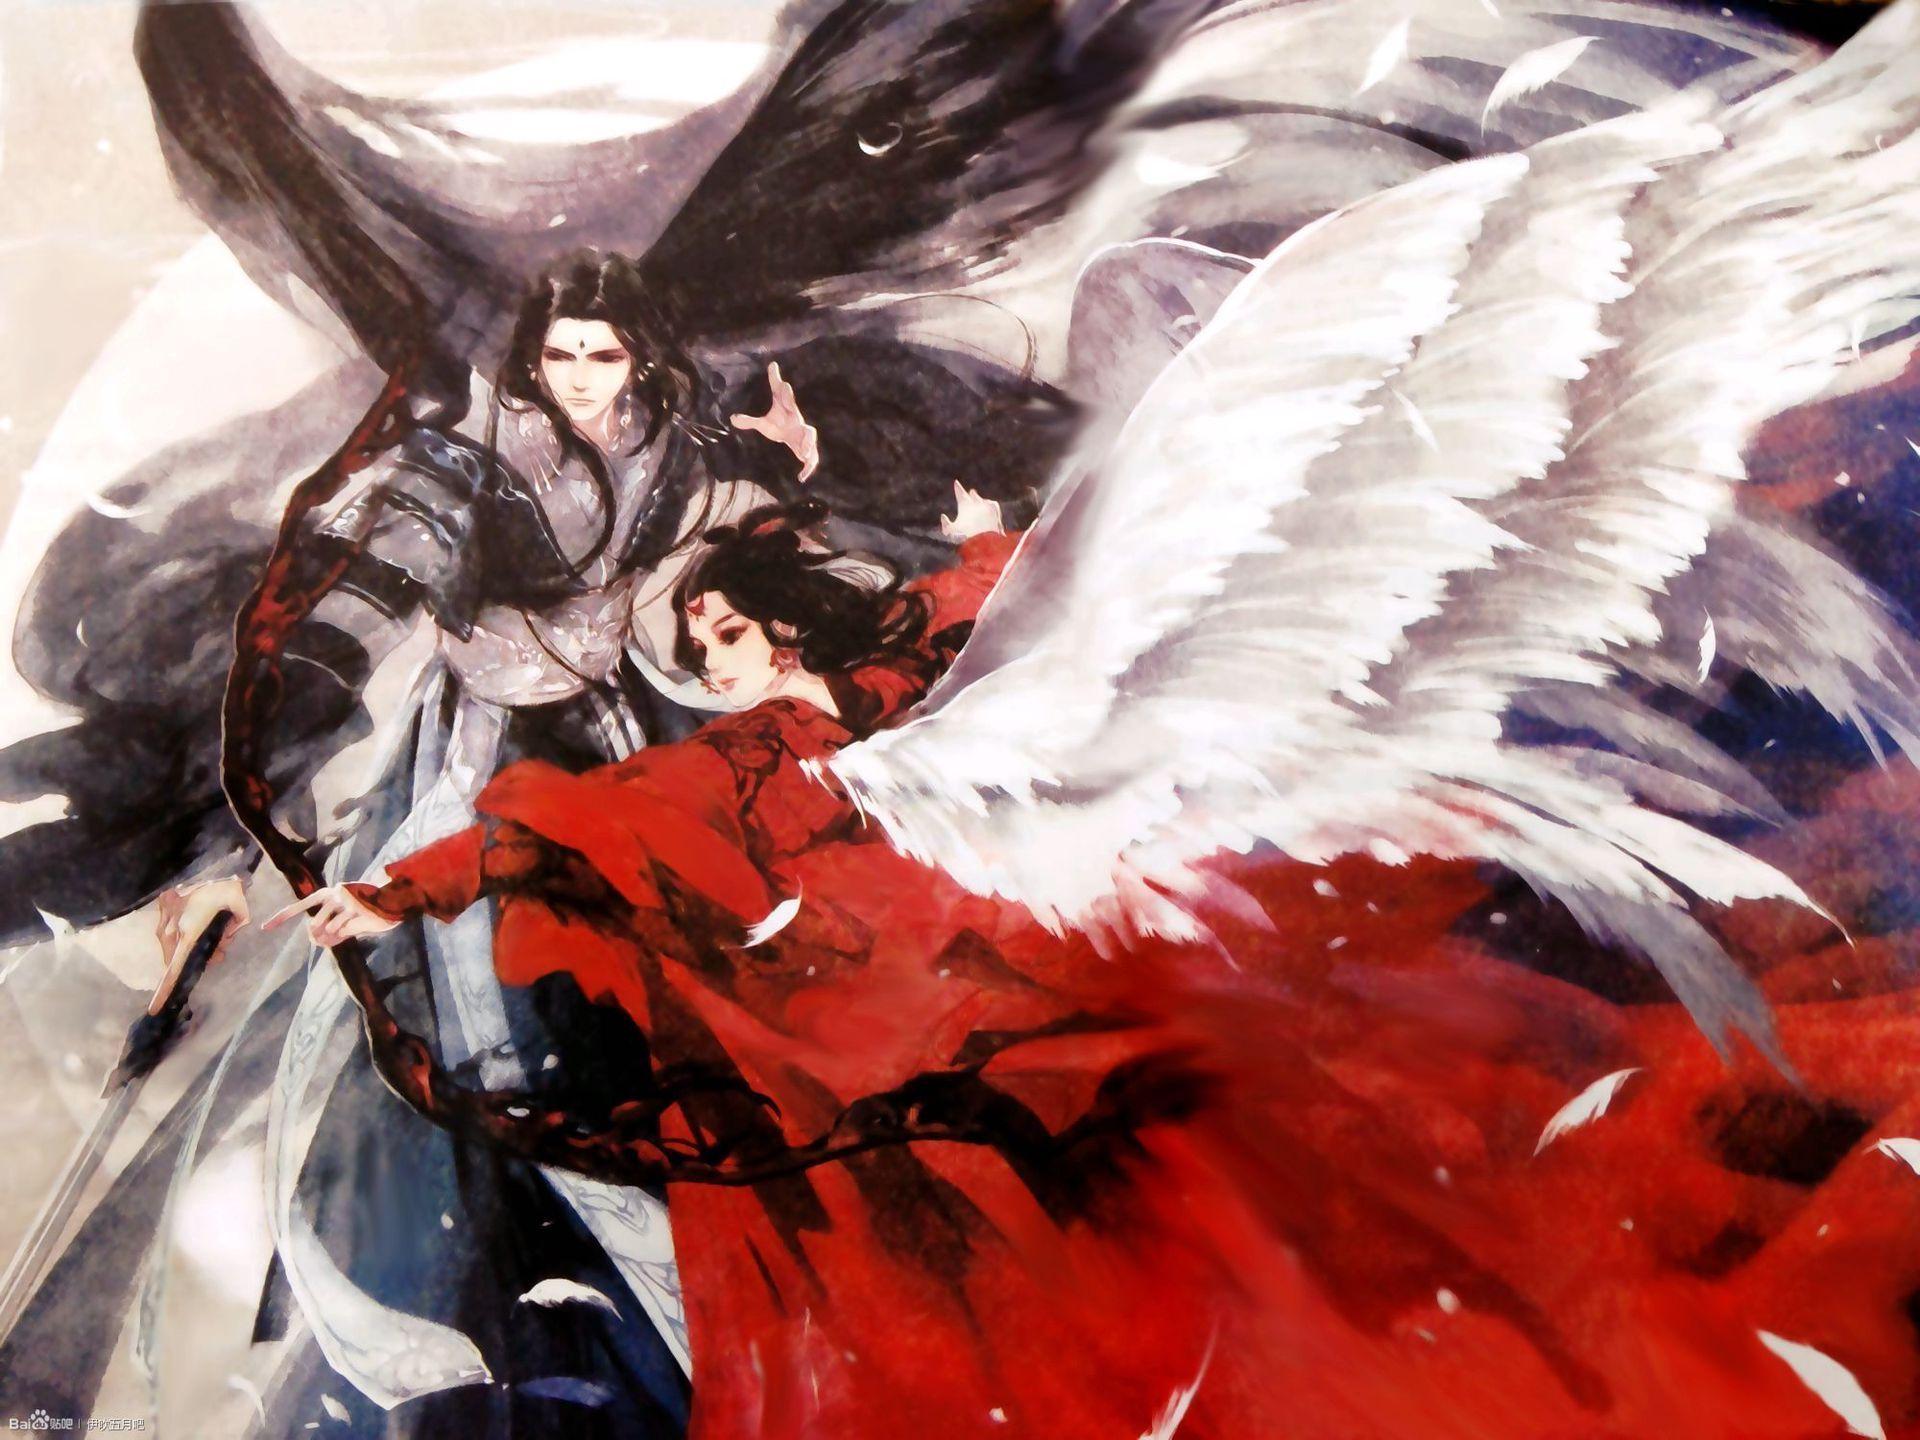 Hình ảnh anime cổ trang giương cung bắn